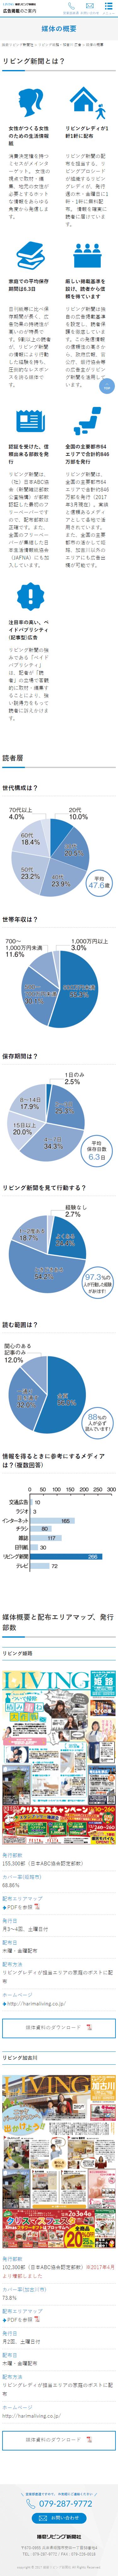 姫路市 播磨リビング新聞社様 広告掲載案内ページ2